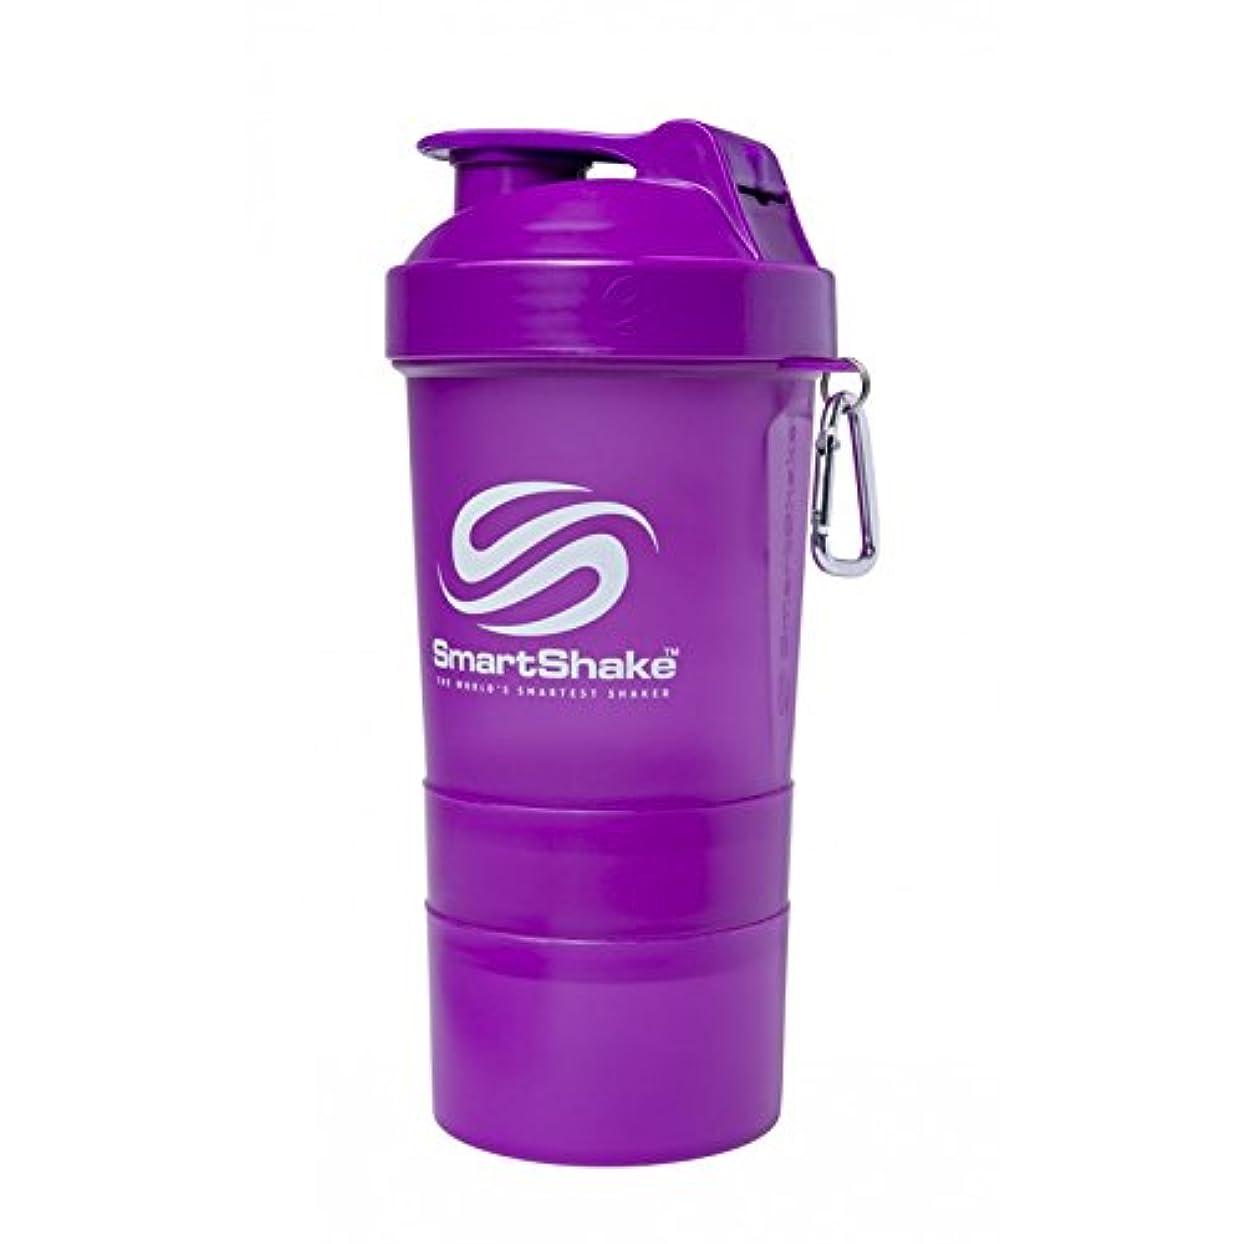 共産主義者動揺させる利用可能SmartShake Original Shaker Cup, Neon Purple, 20 oz by smartshake